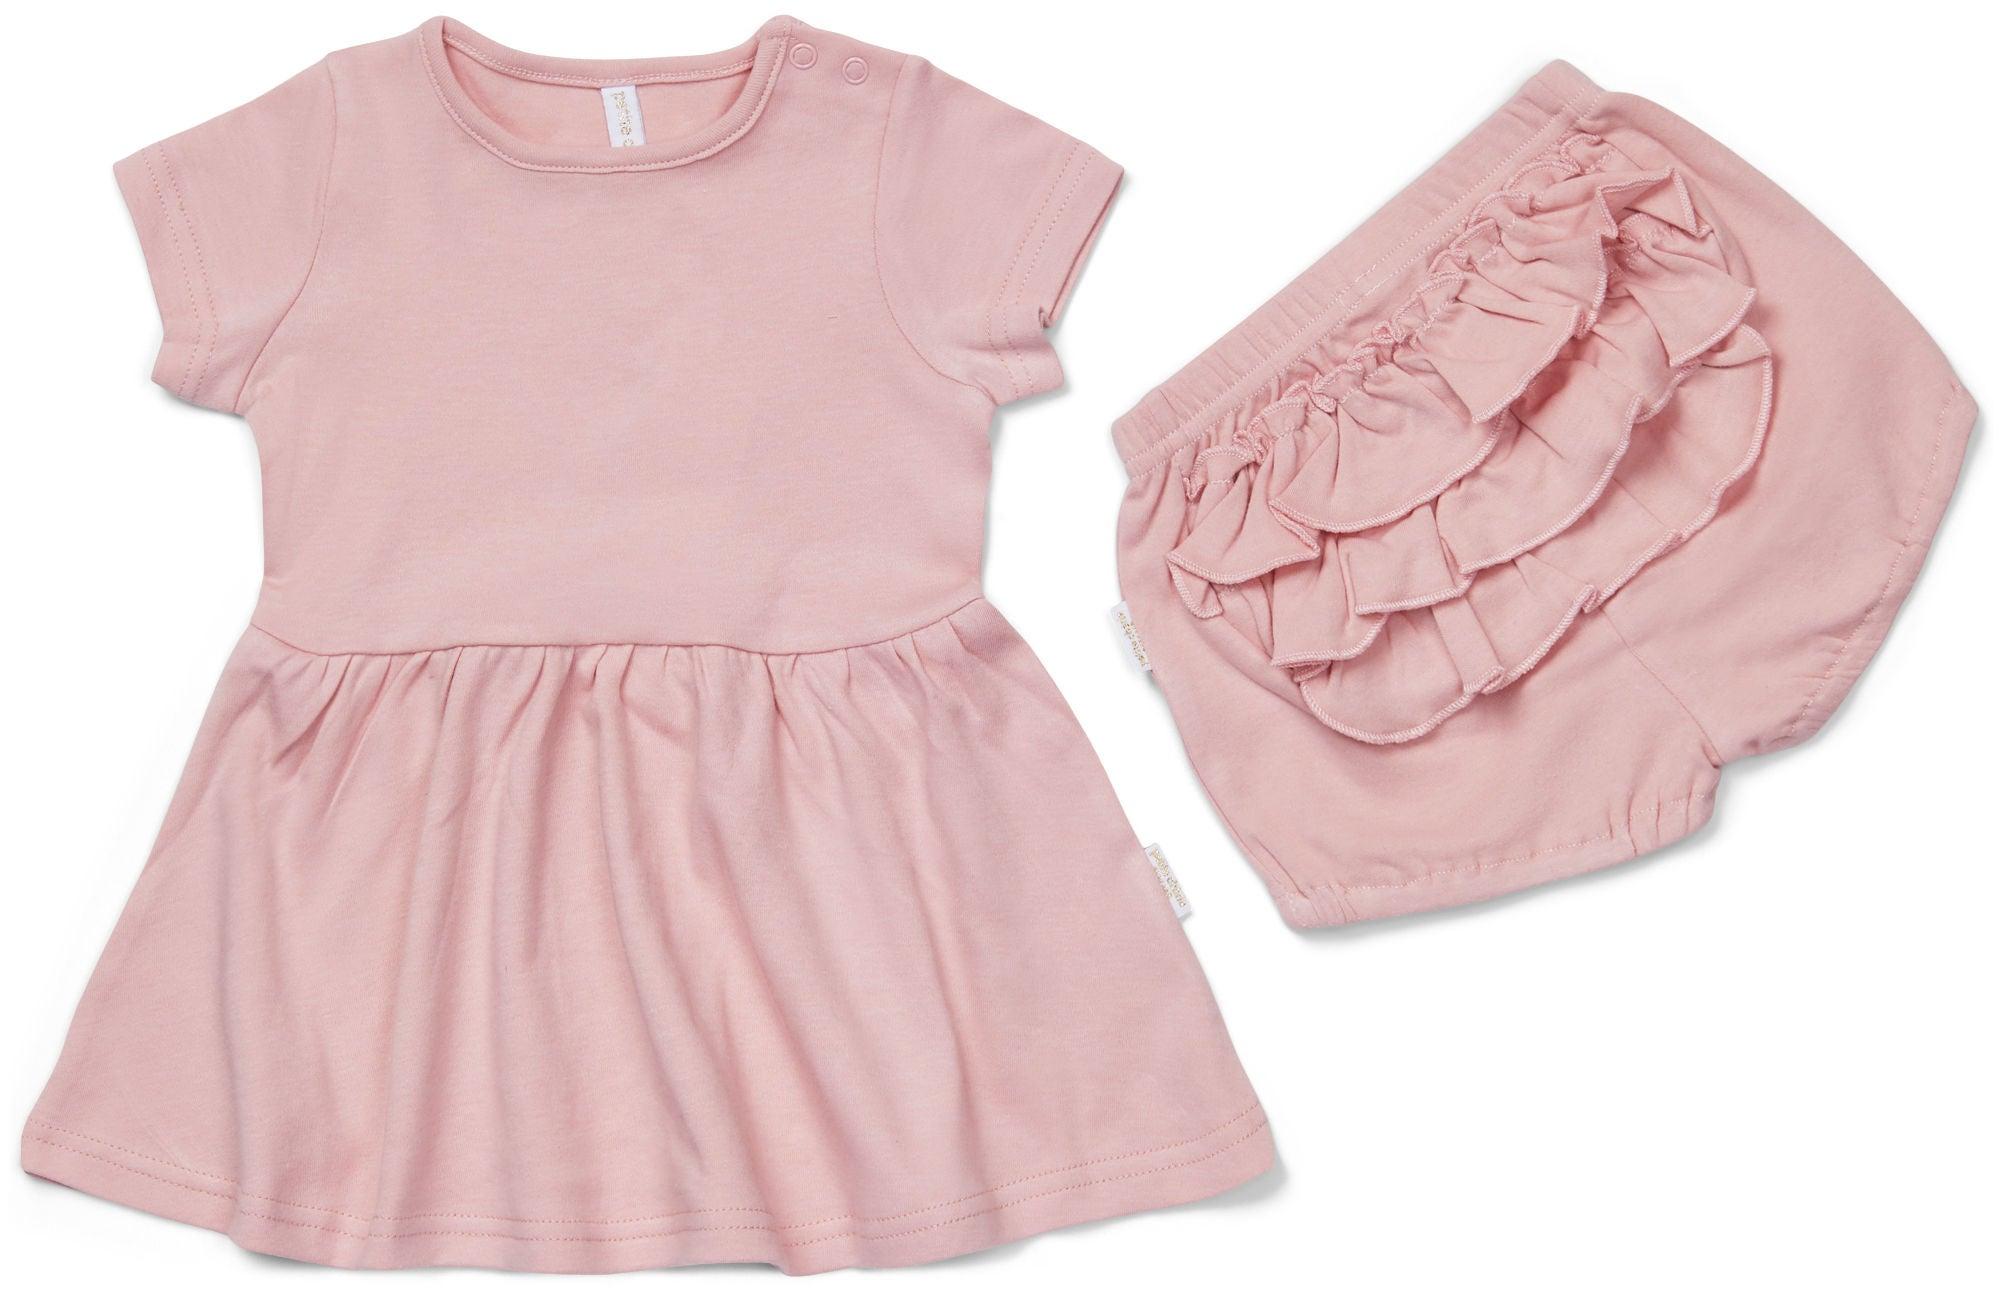 916ca52ccdd Børnetøj | Stort udvalg af tøj til børn og babyer | Jollyroom